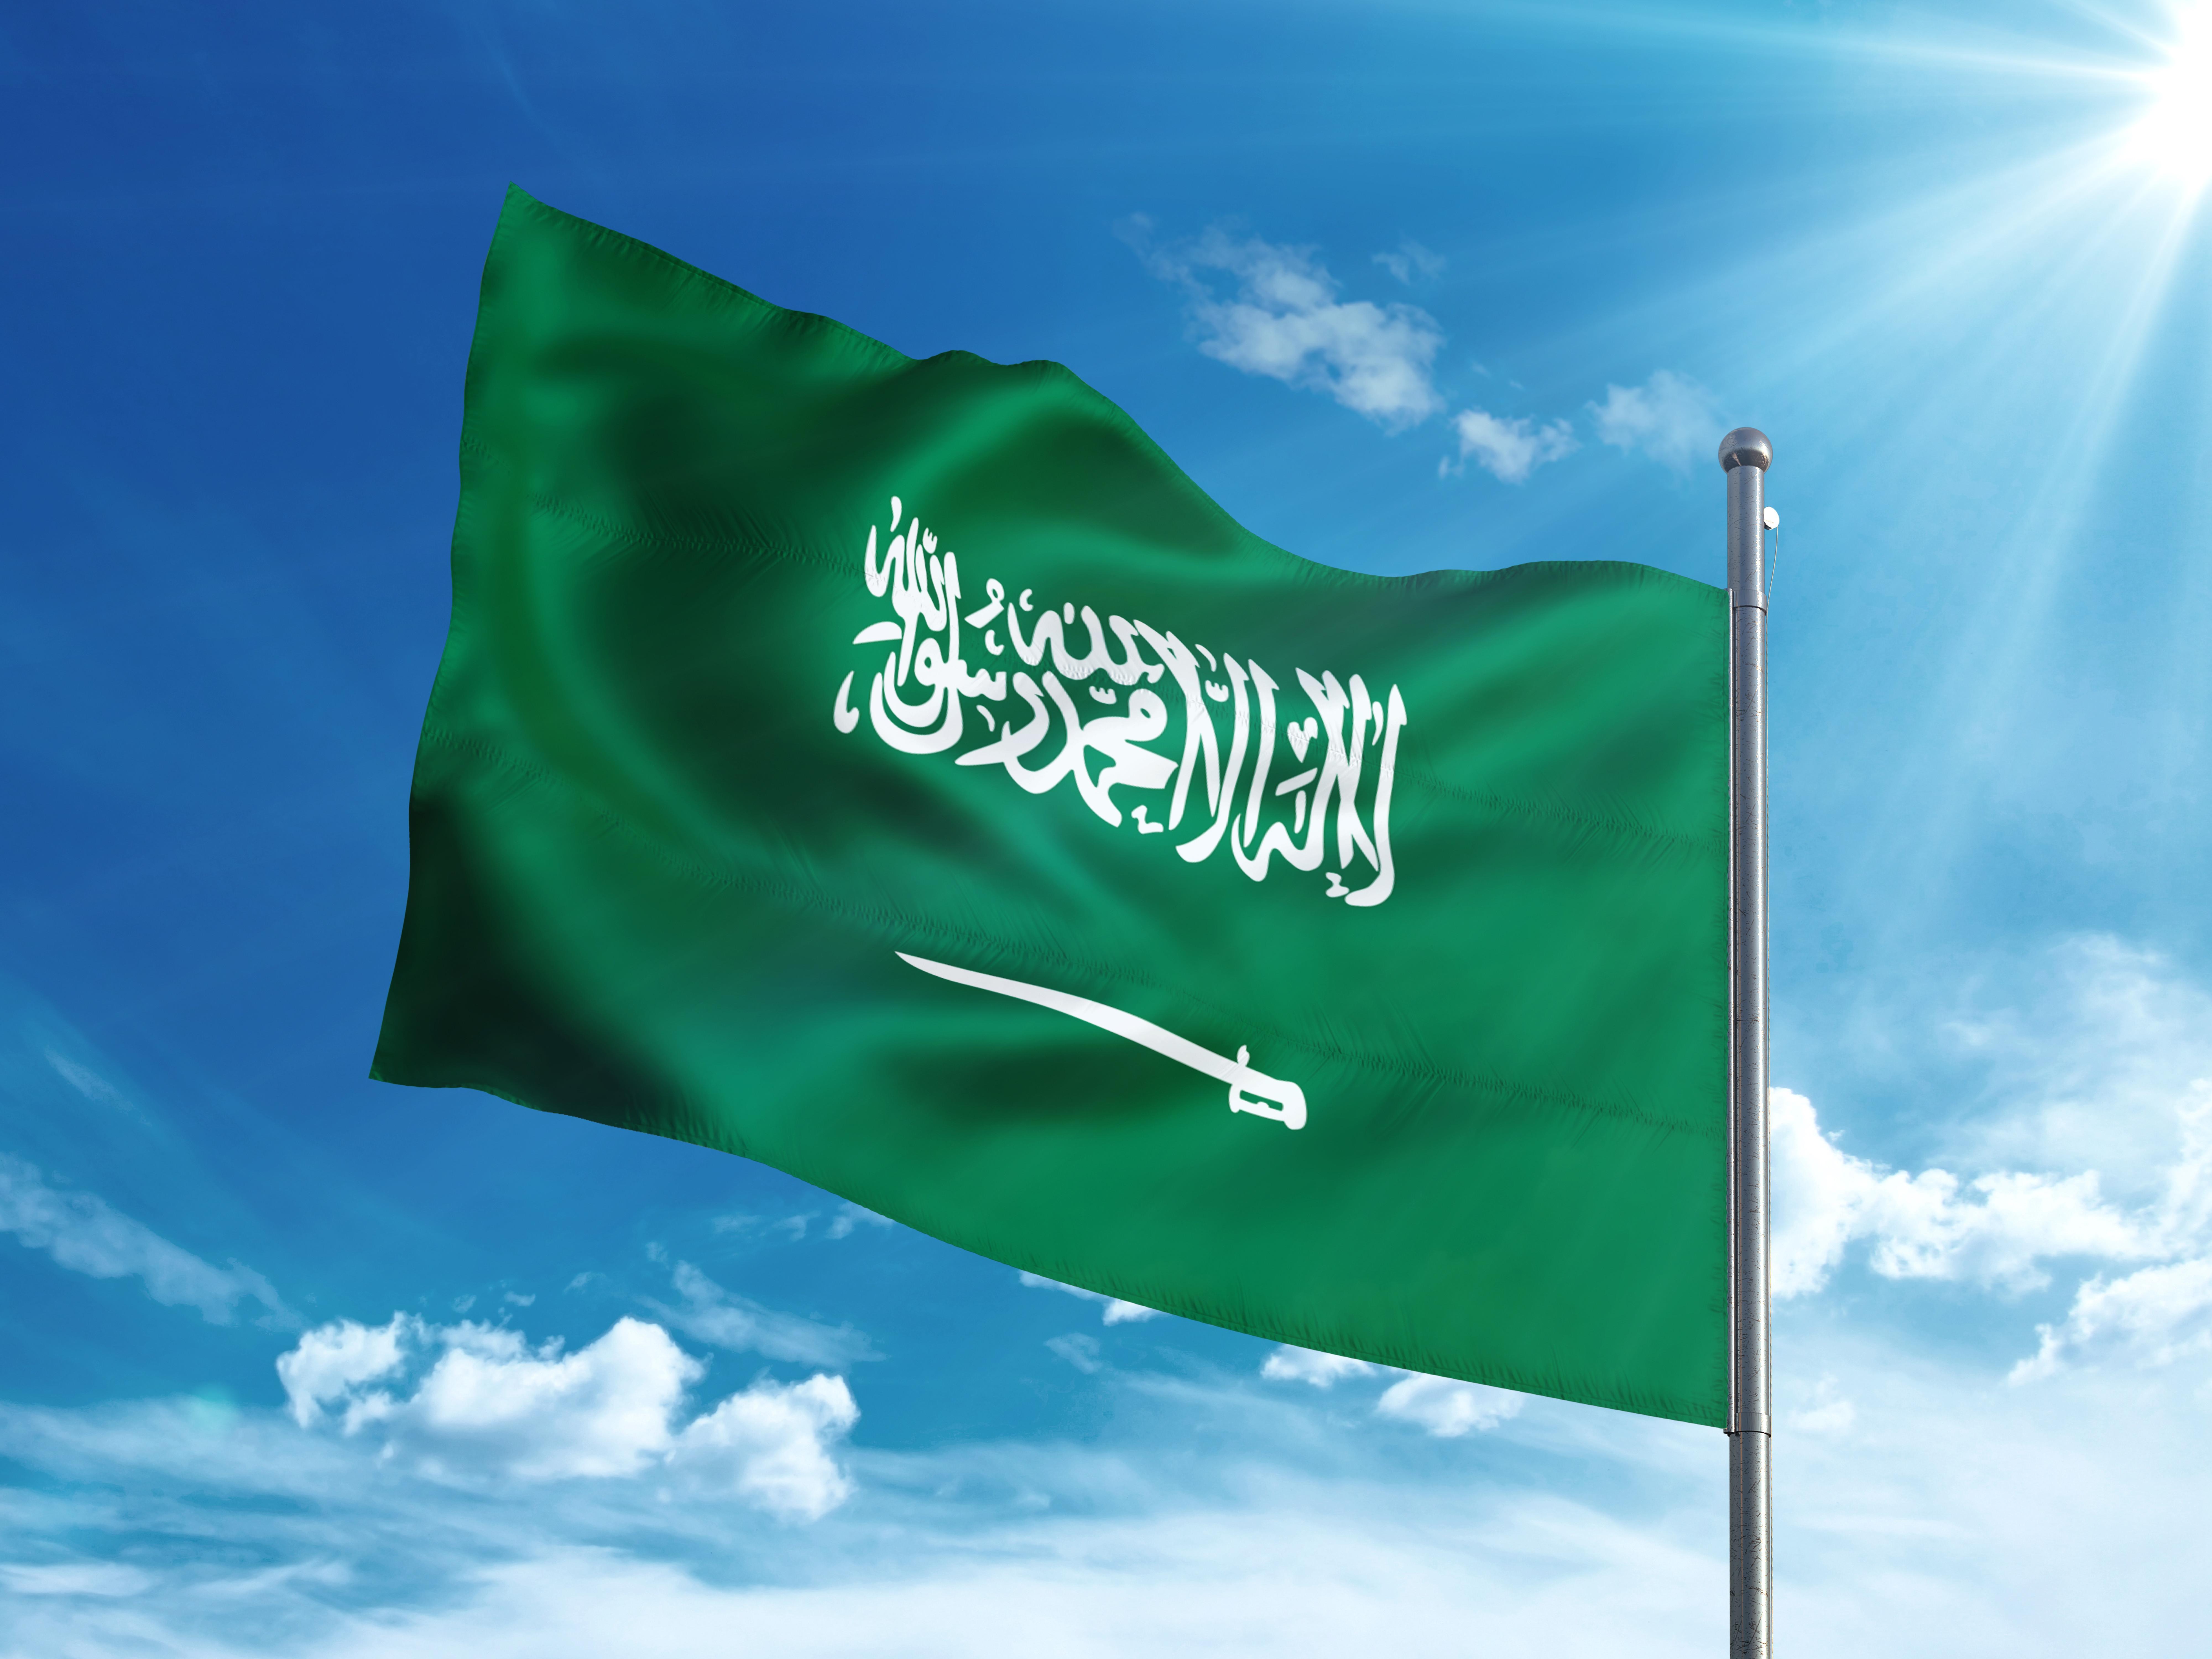 """Arábia Saudita recusa sanções e """"acusações falsas"""" e ameaça retaliar"""